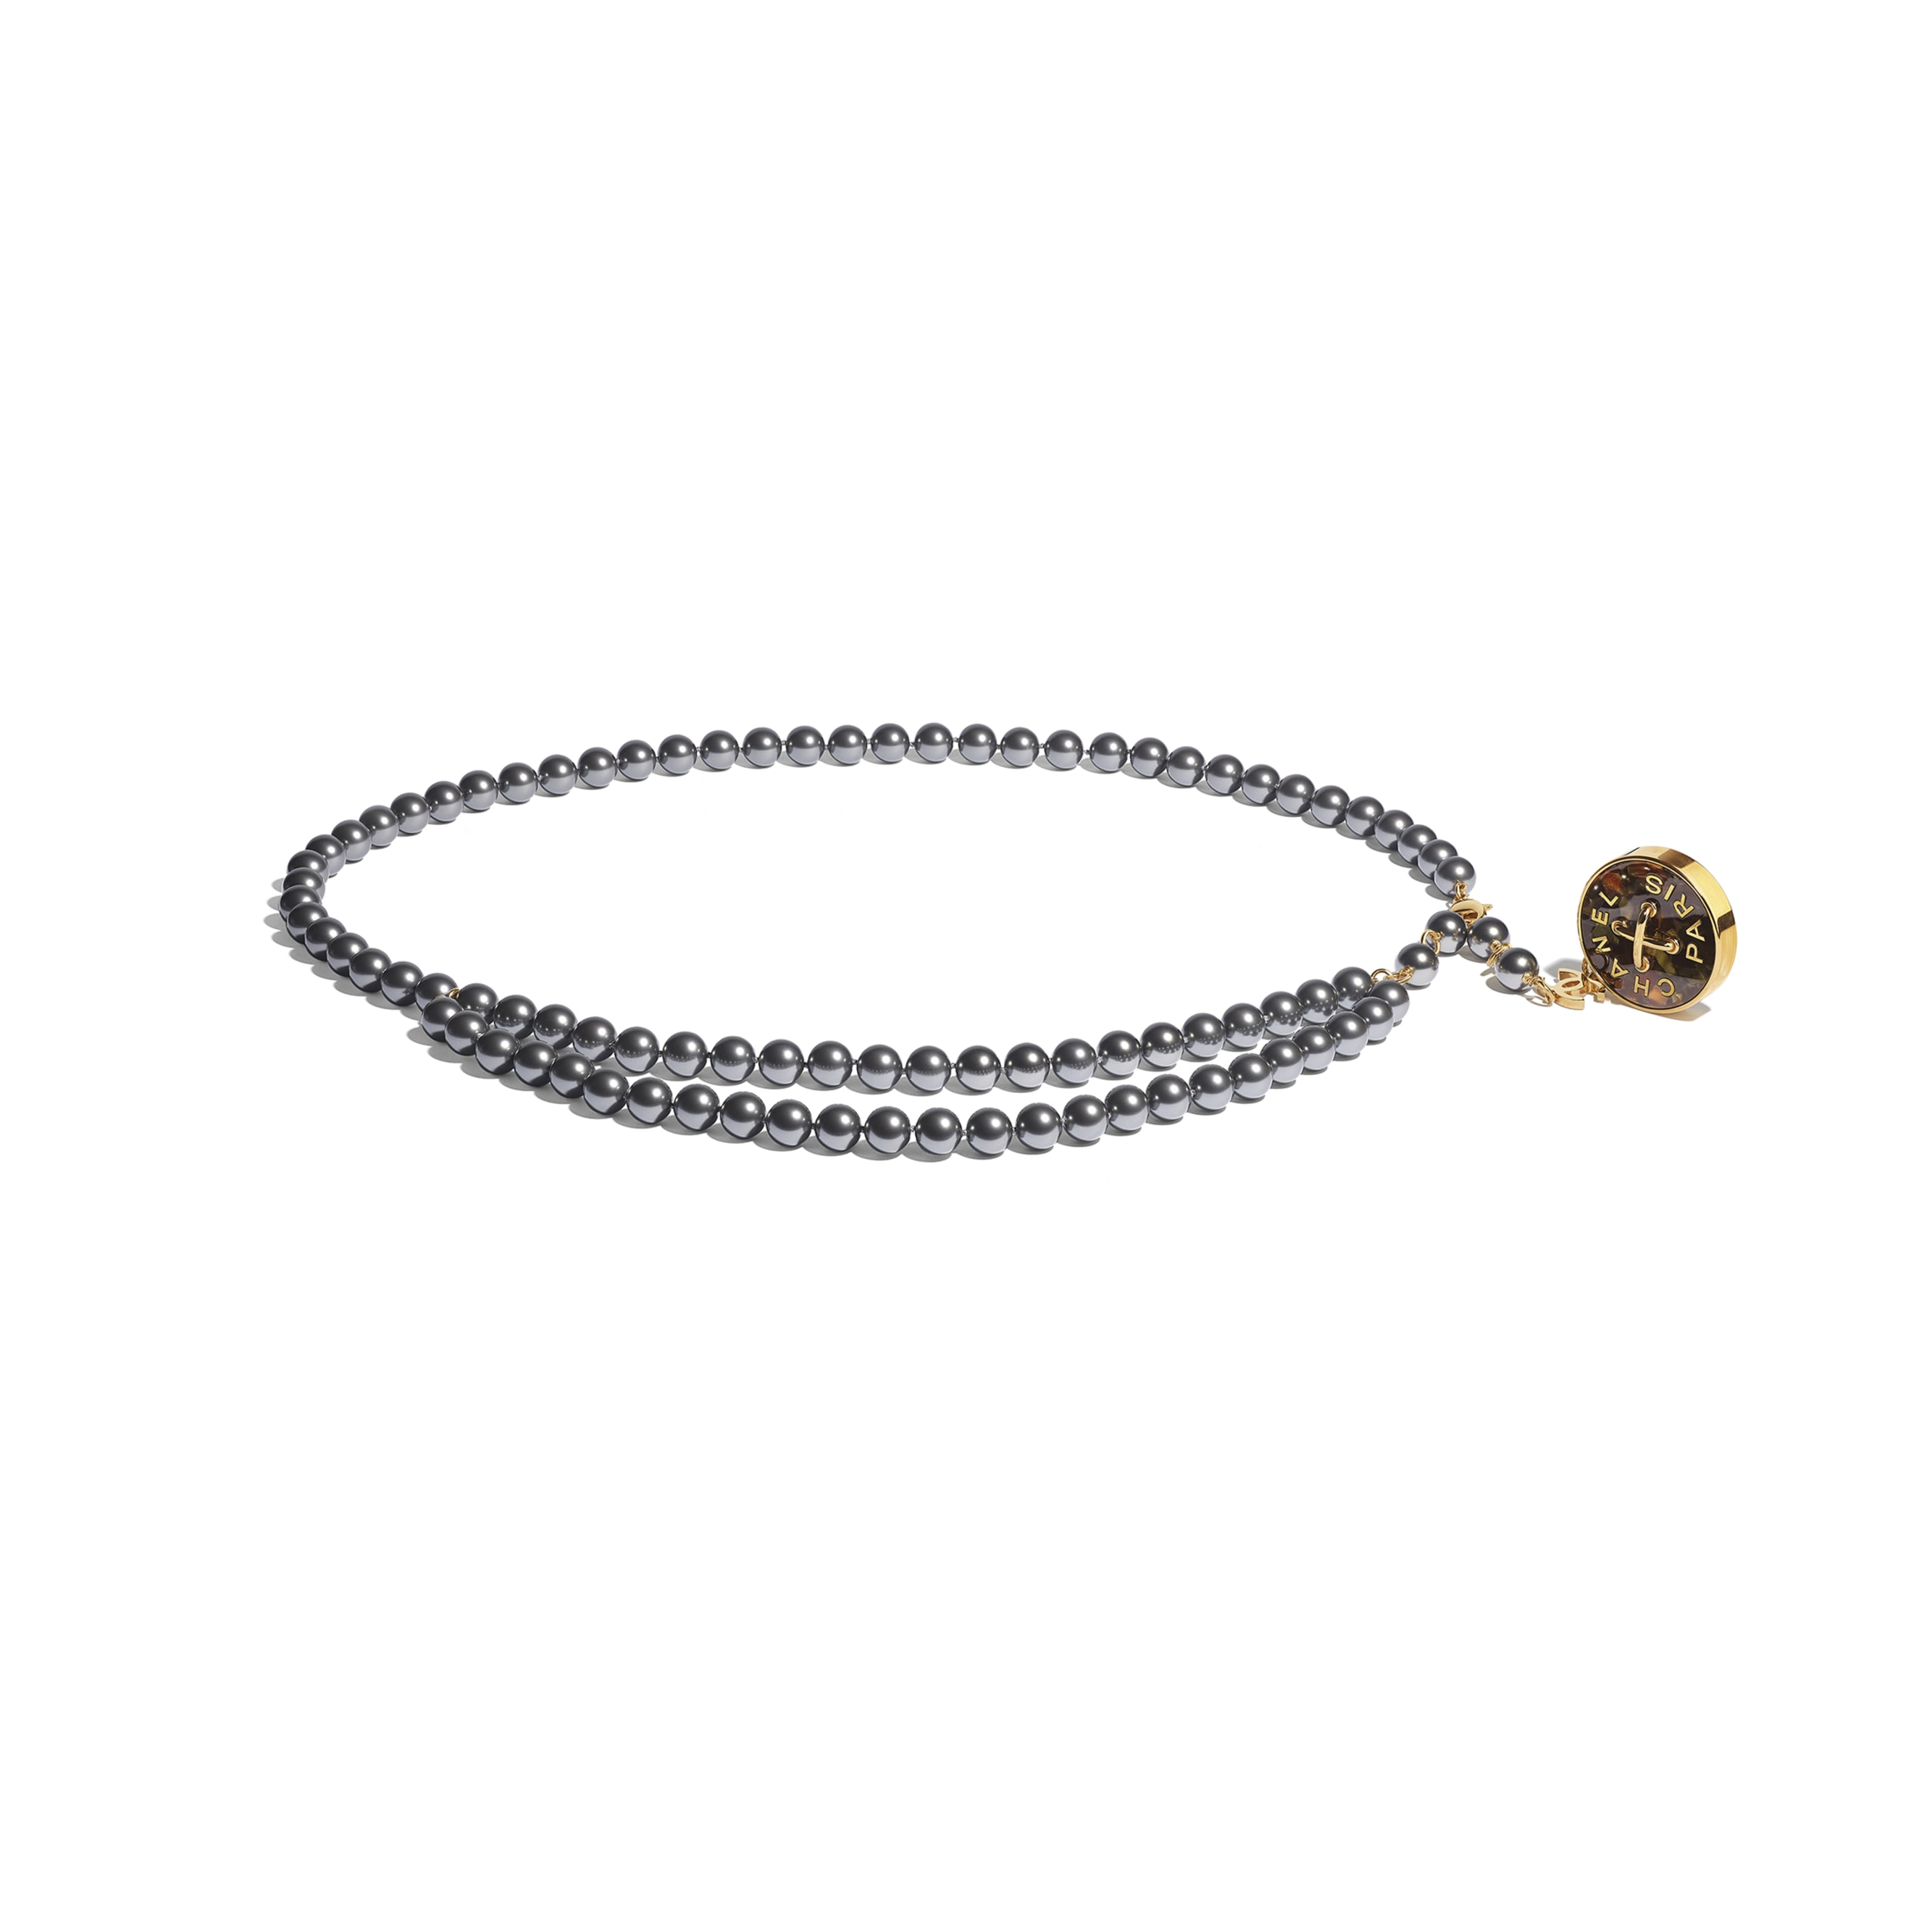 Cintura - Oro, grigio & verde - Metallo, perle in pasta di vetro & resina - CHANEL - Immagine predefinita - vedere versione standard